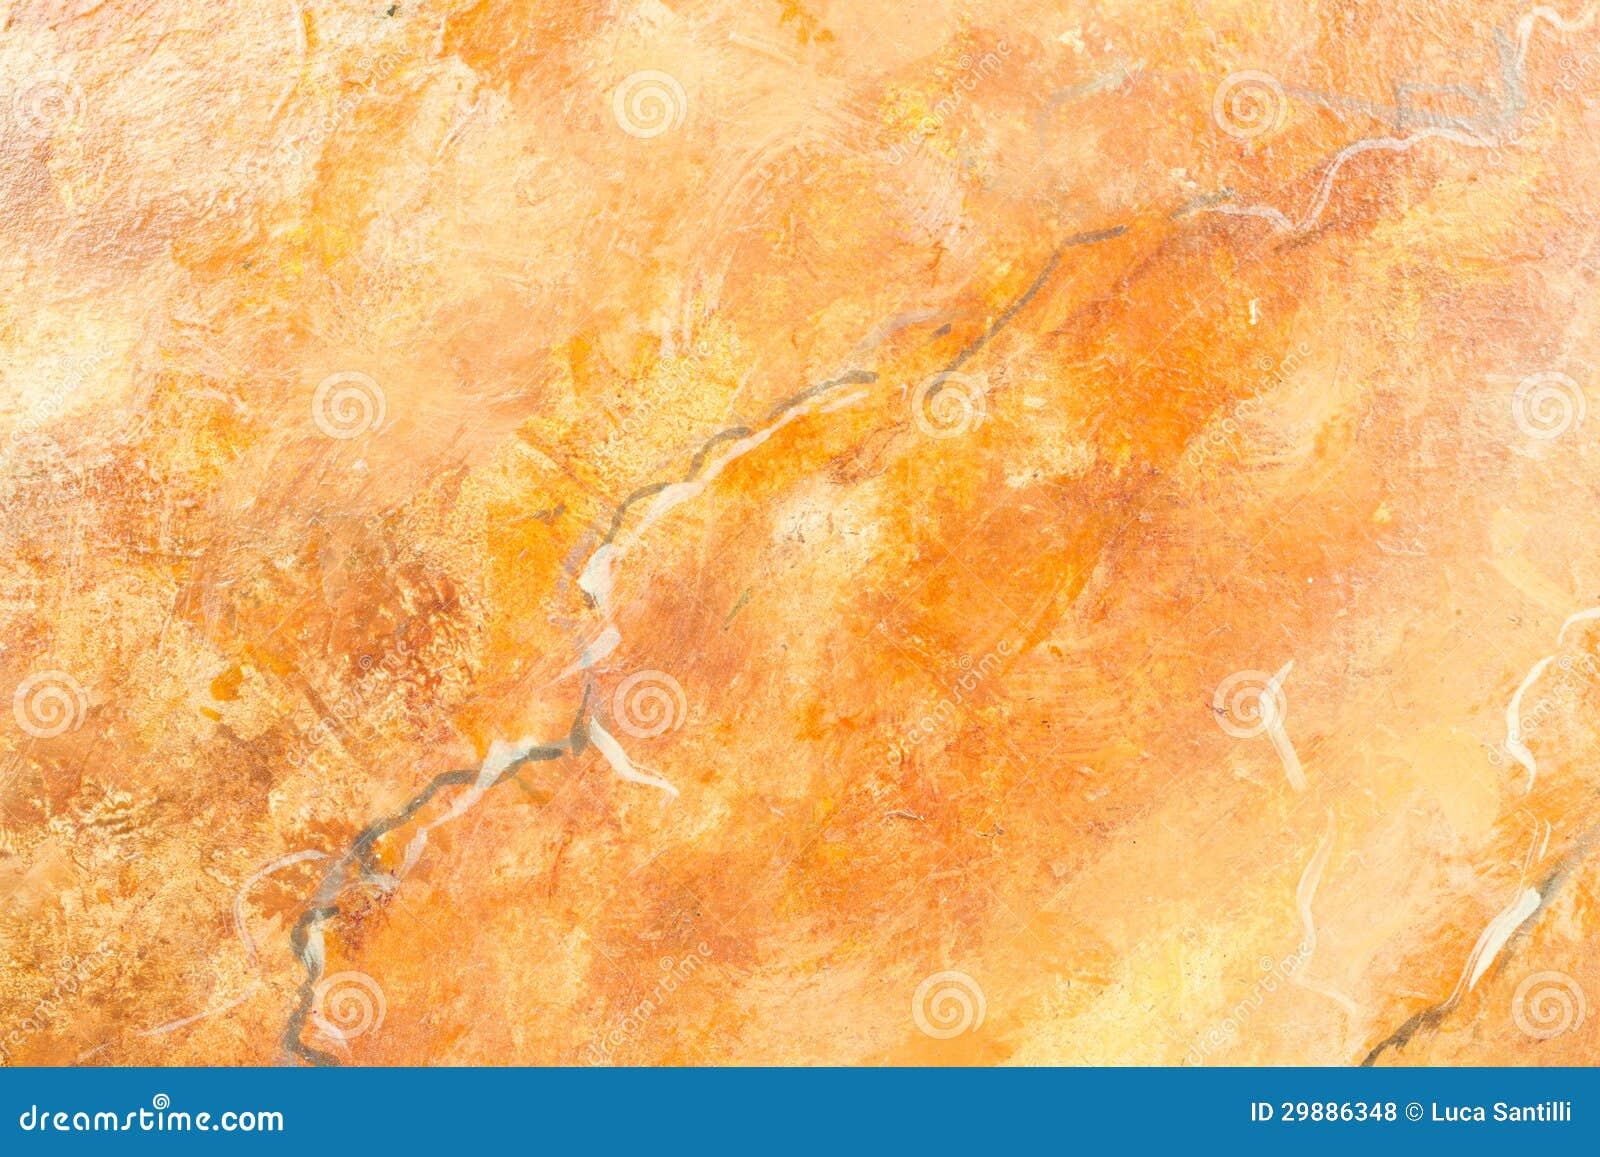 orange background free stock - photo #39